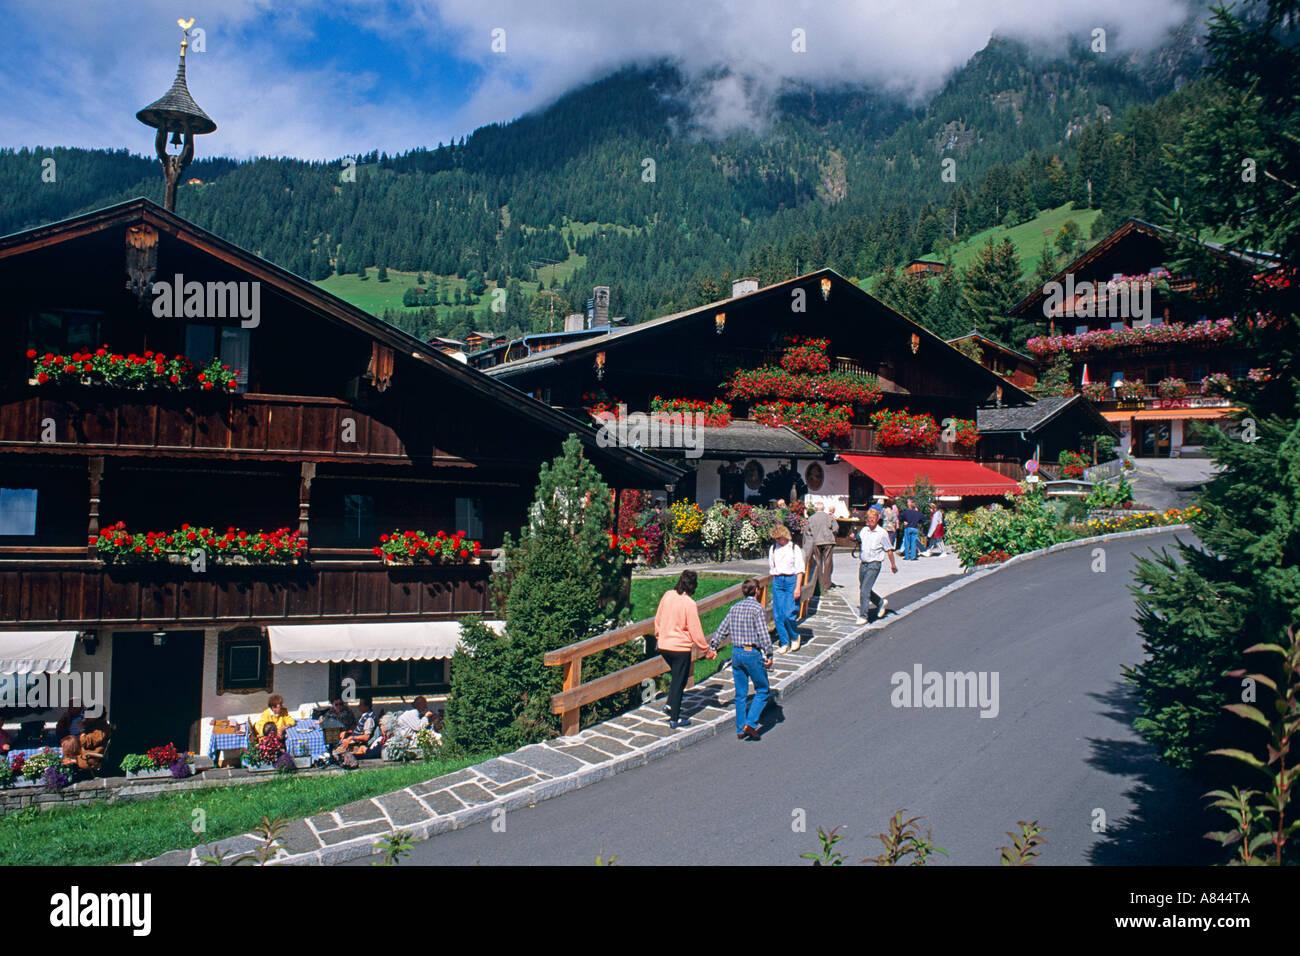 Alpbach Wetter